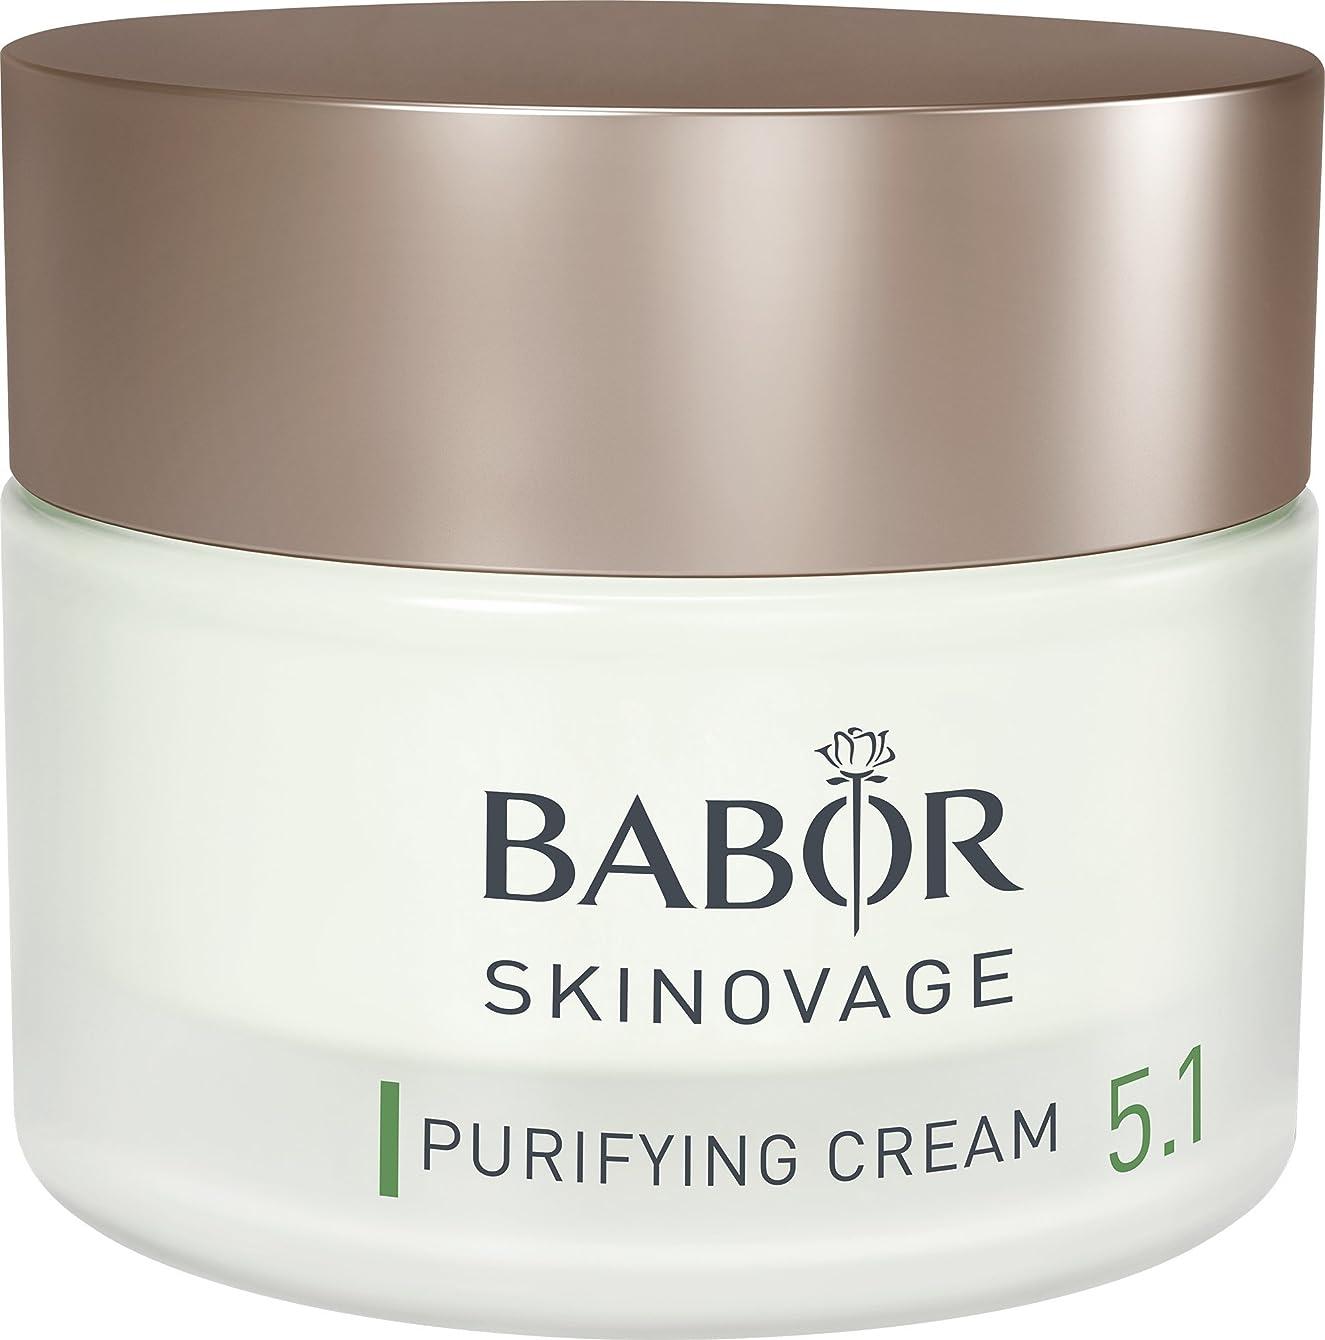 民間通行料金発音バボール Skinovage [Age Preventing] Purifying Cream 5.1 - For Problem & Oily Skin 50ml/1.7oz並行輸入品